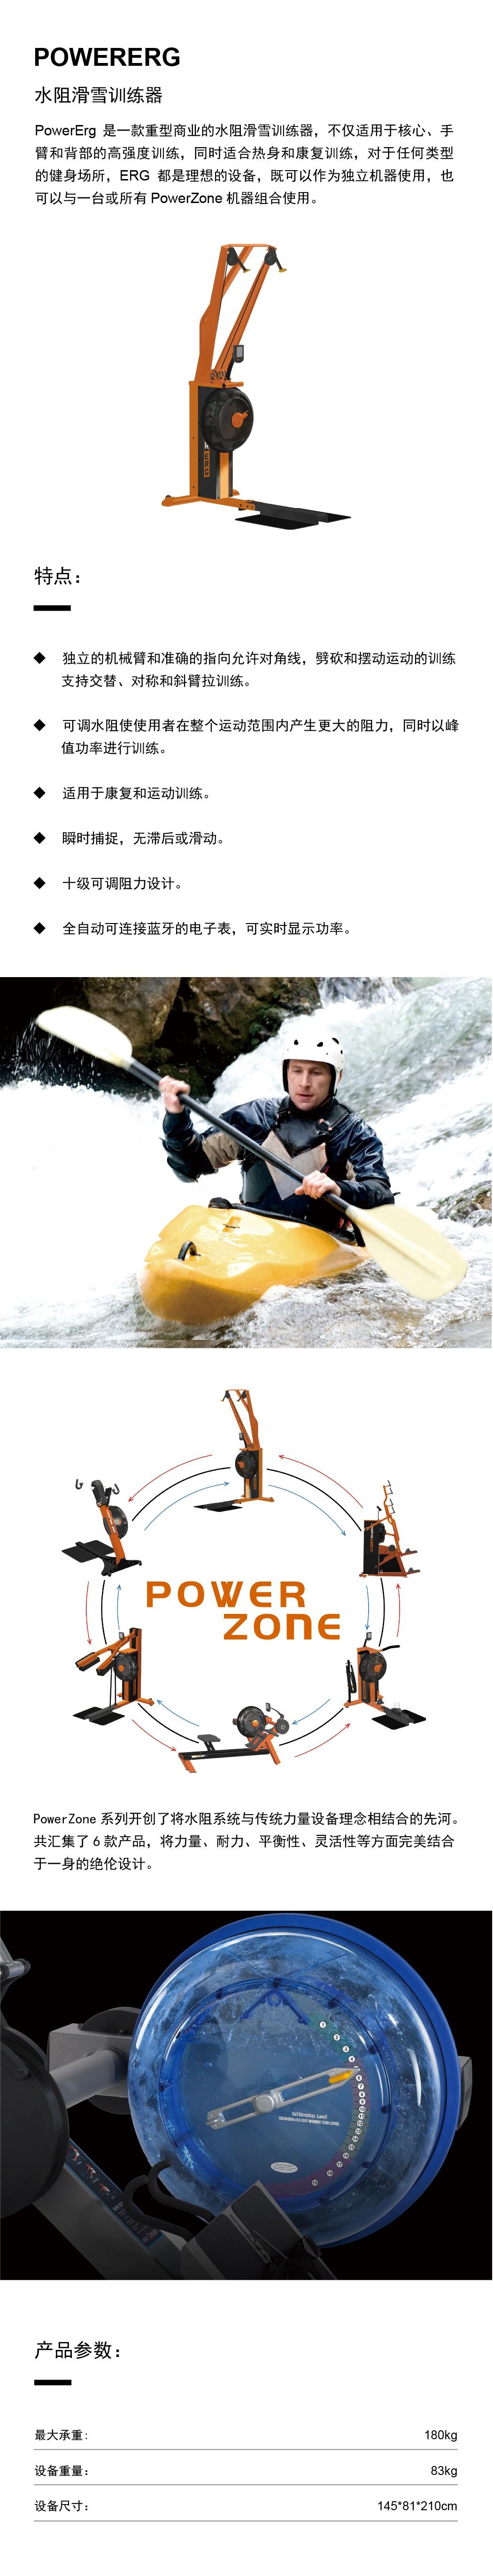 水阻滑雪训练器.jpg